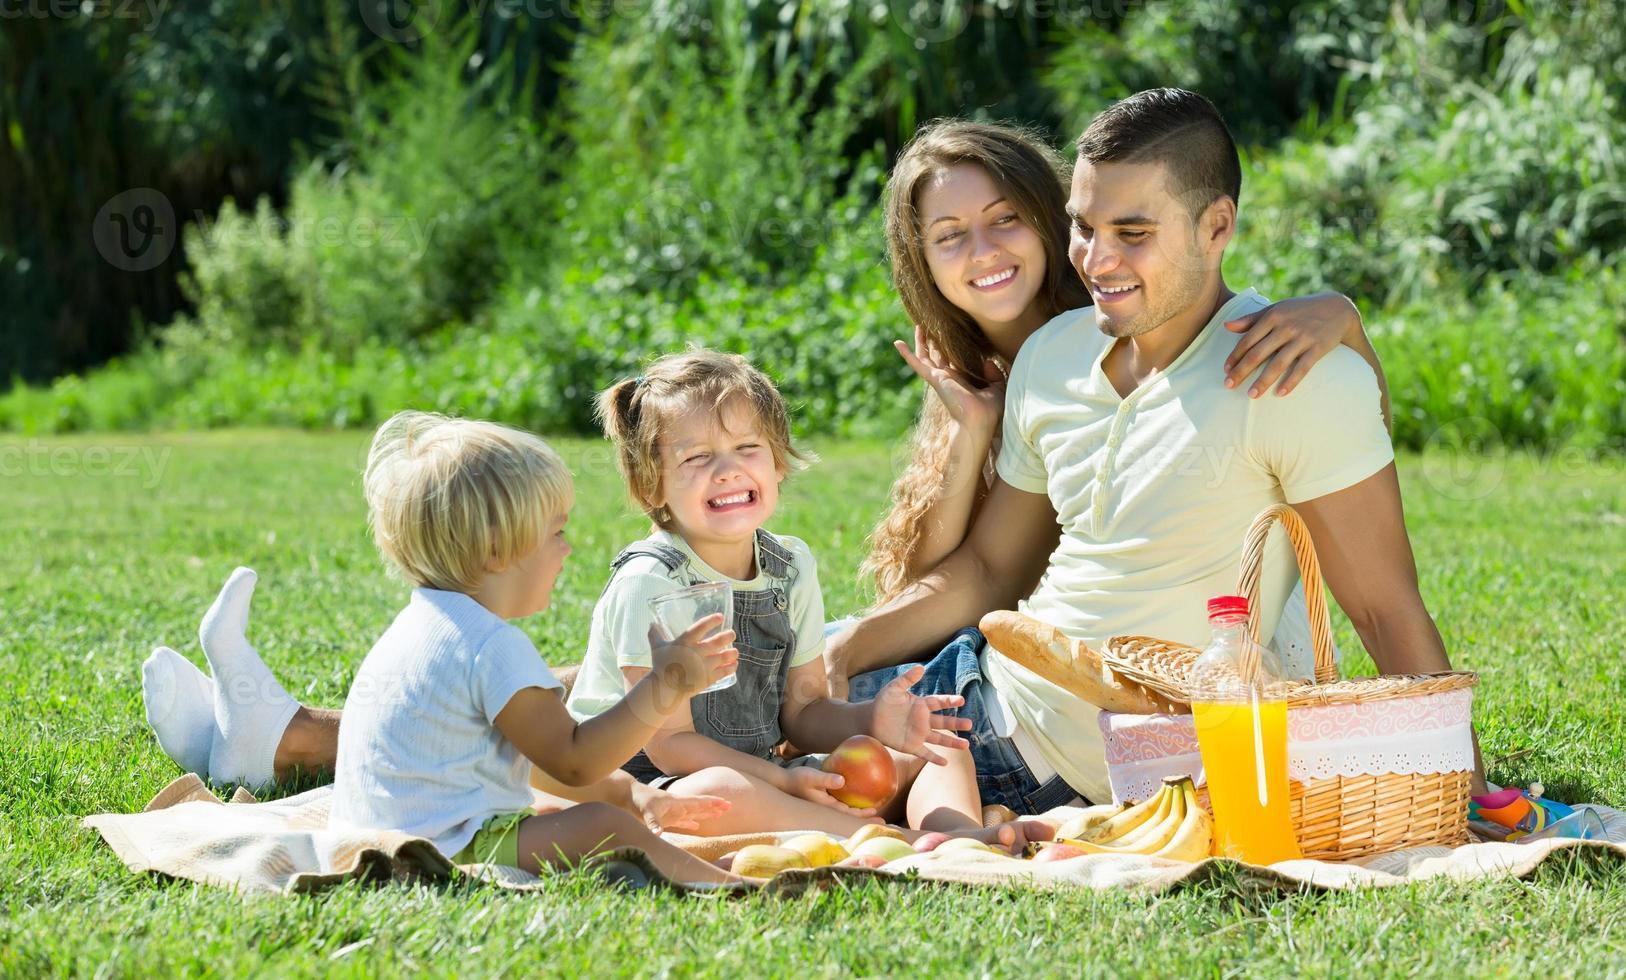 família de quatro pessoas fazendo piquenique foto